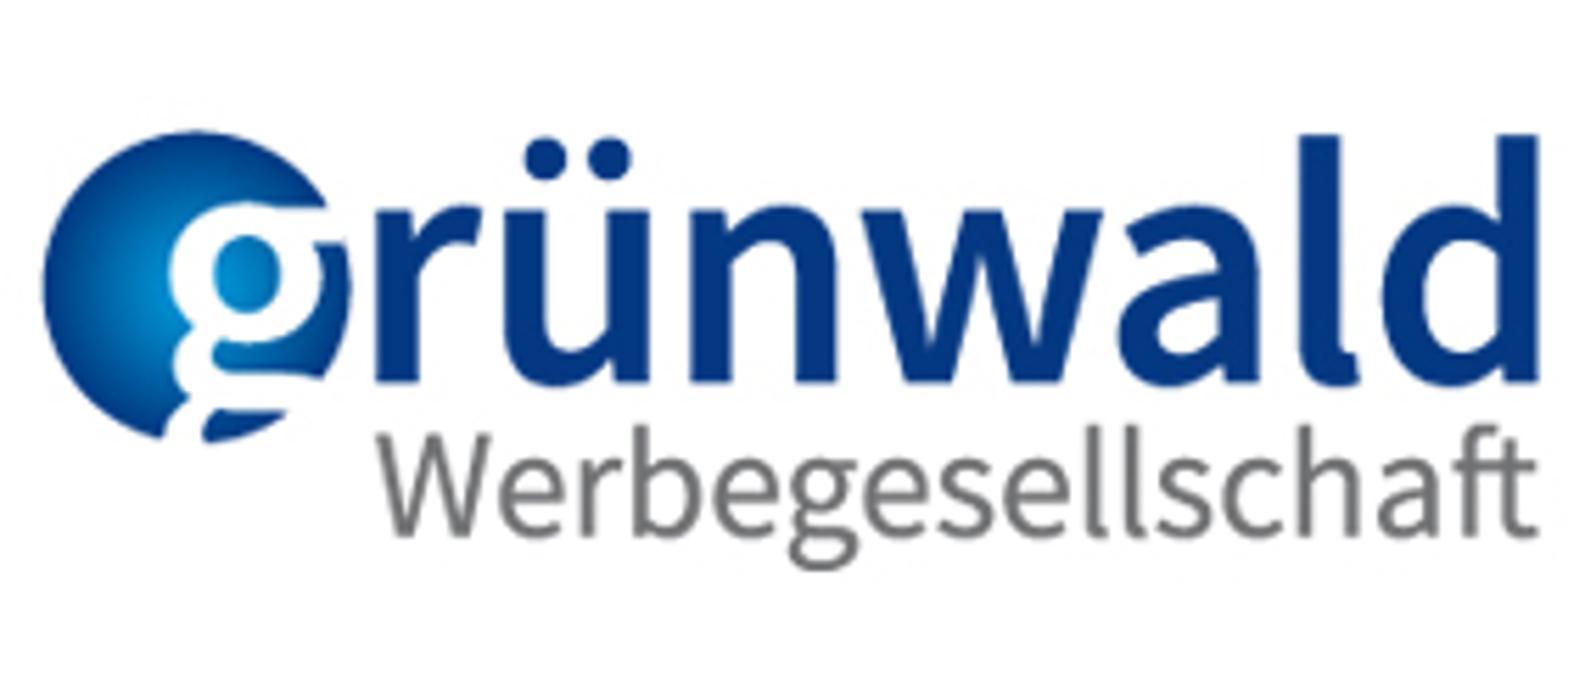 Bild zu Grünwald Werbegesellschaft mbH in Berlin